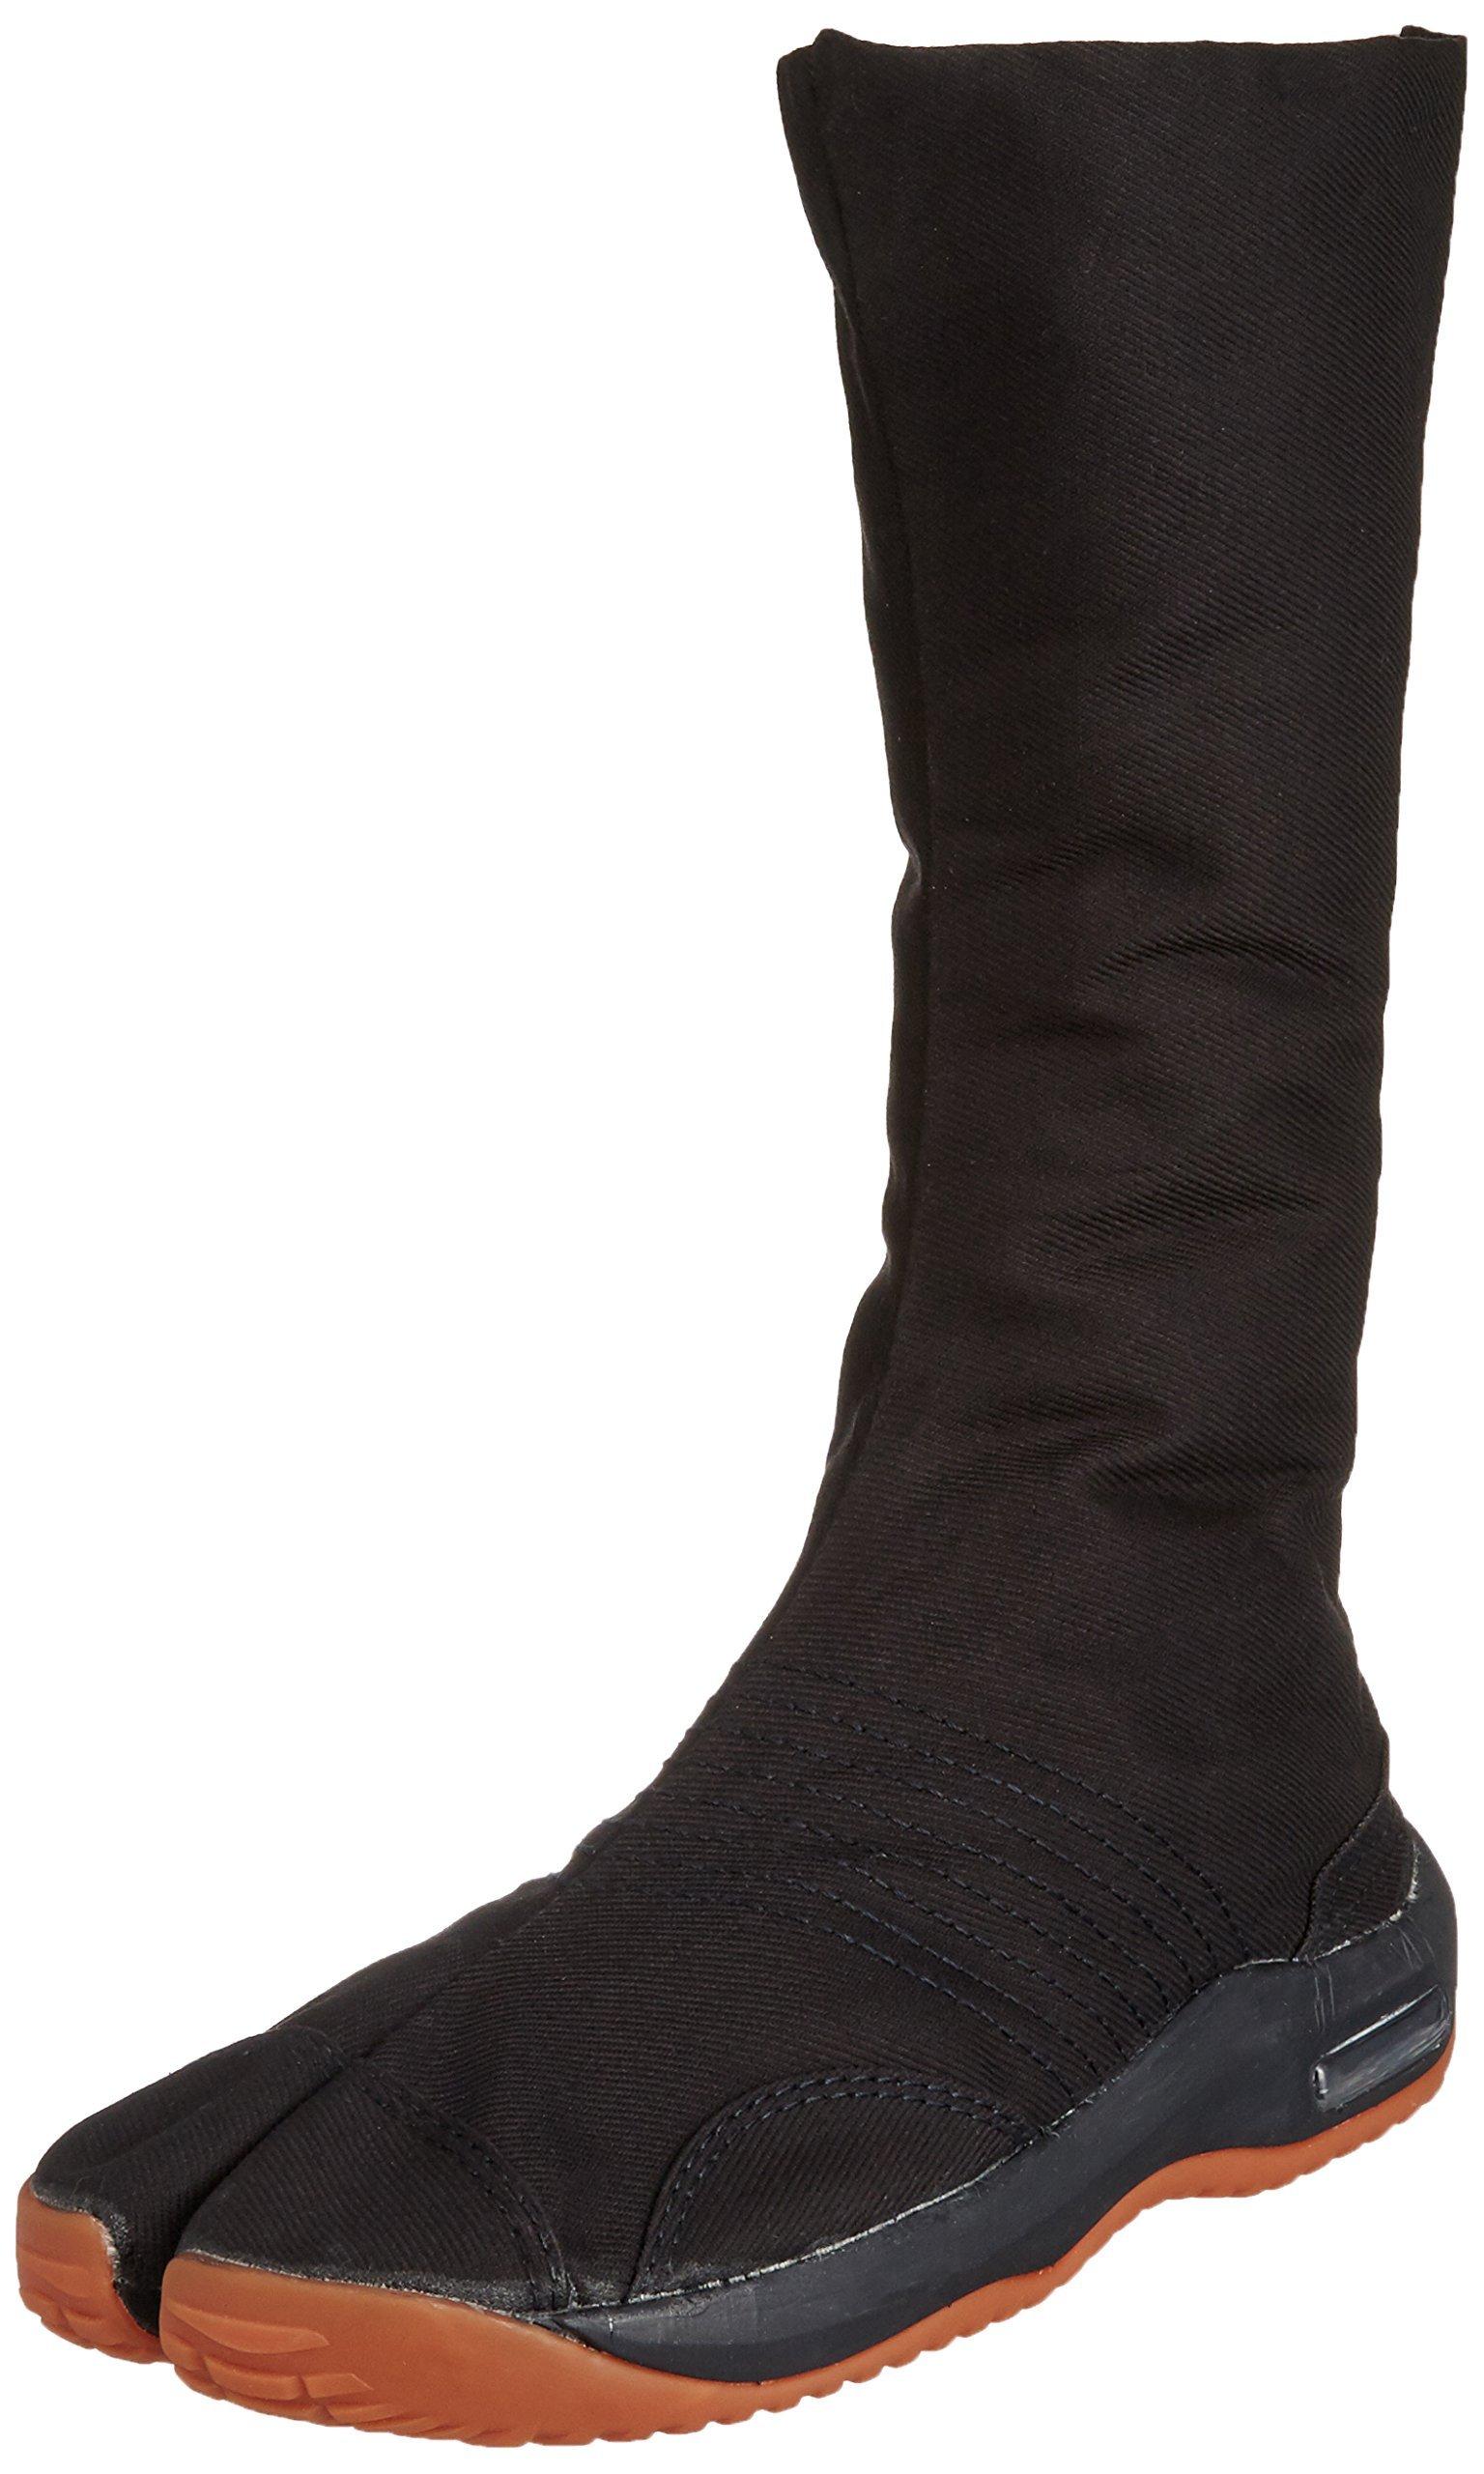 Ninja shoes, AIR JOG 12, Jika TabiSize: 26.0 cm (US size 8 ), Color: Black